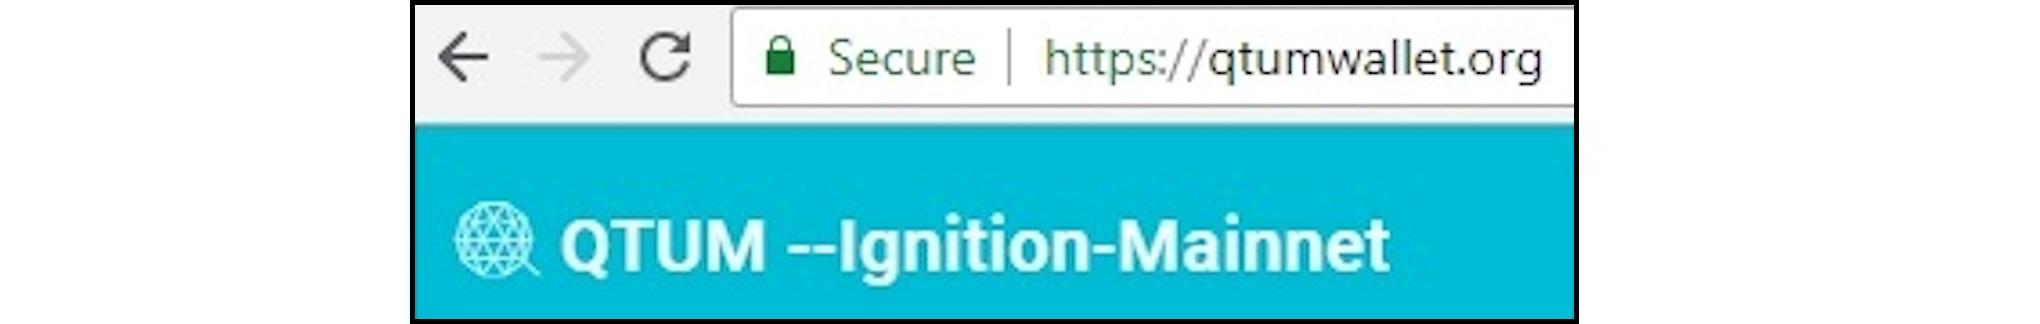 0. Secure site EN